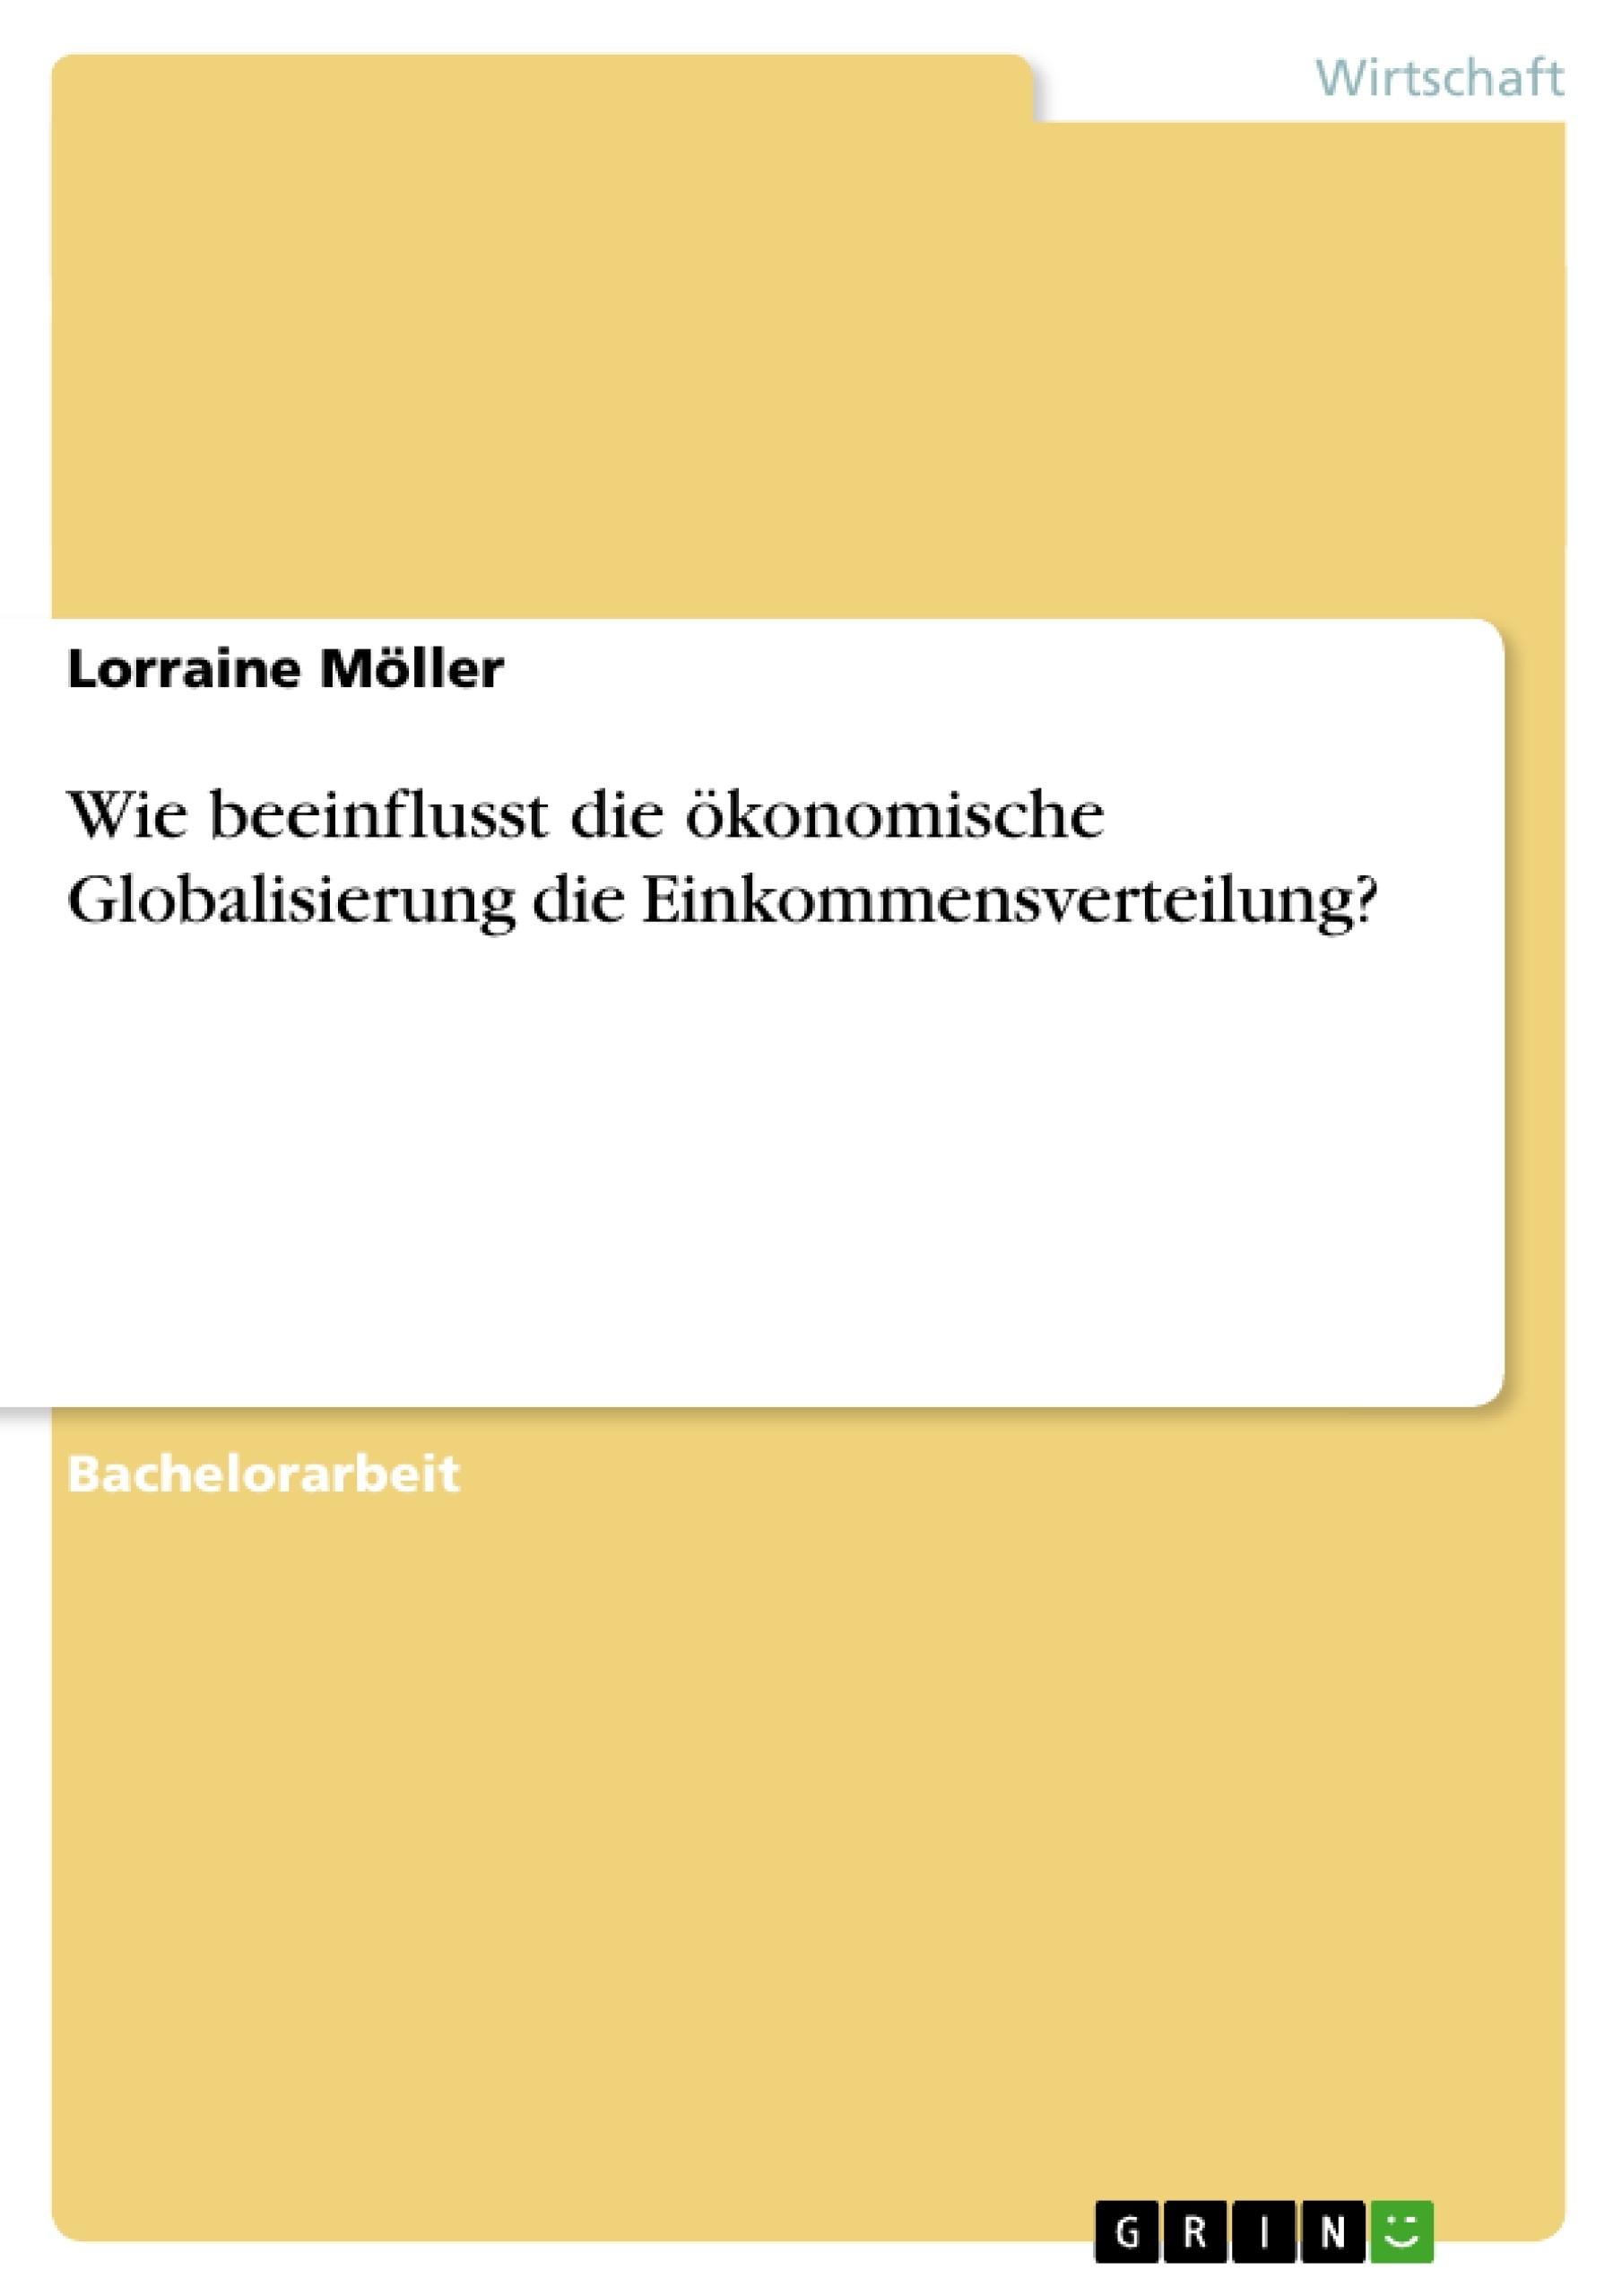 Titel: Wie beeinflusst die ökonomische Globalisierung die Einkommensverteilung?